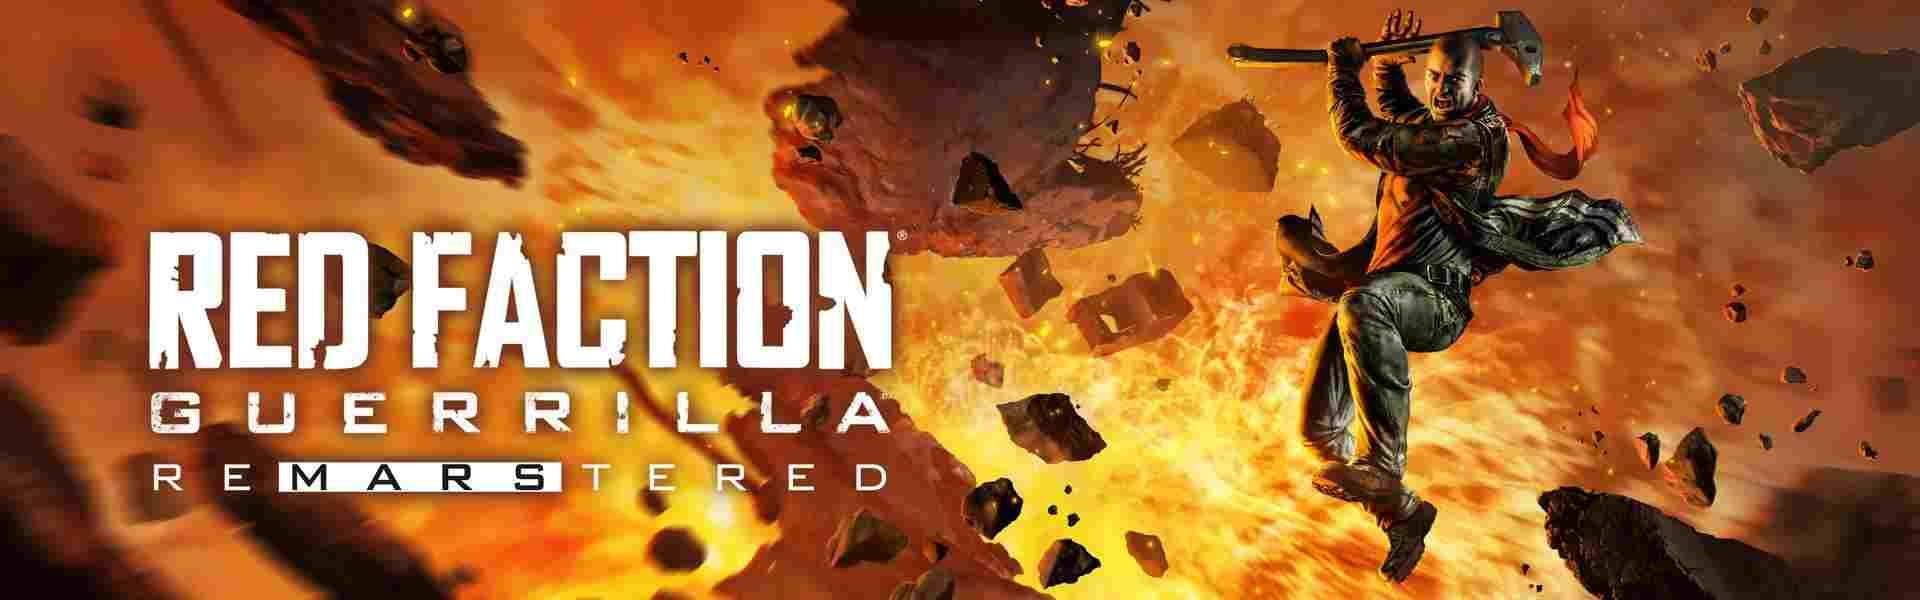 دانلود بازی Red Faction Guerrilla Re-Mars-tered ریمستر برای pc بهمراه کرک و اپدیت جدید و نسخه کم حجم و فشرده fitgirl , corepack فیت گرل و کورپک – codex , cpy لینک مستقیم دانلود بازی کامپیوتر